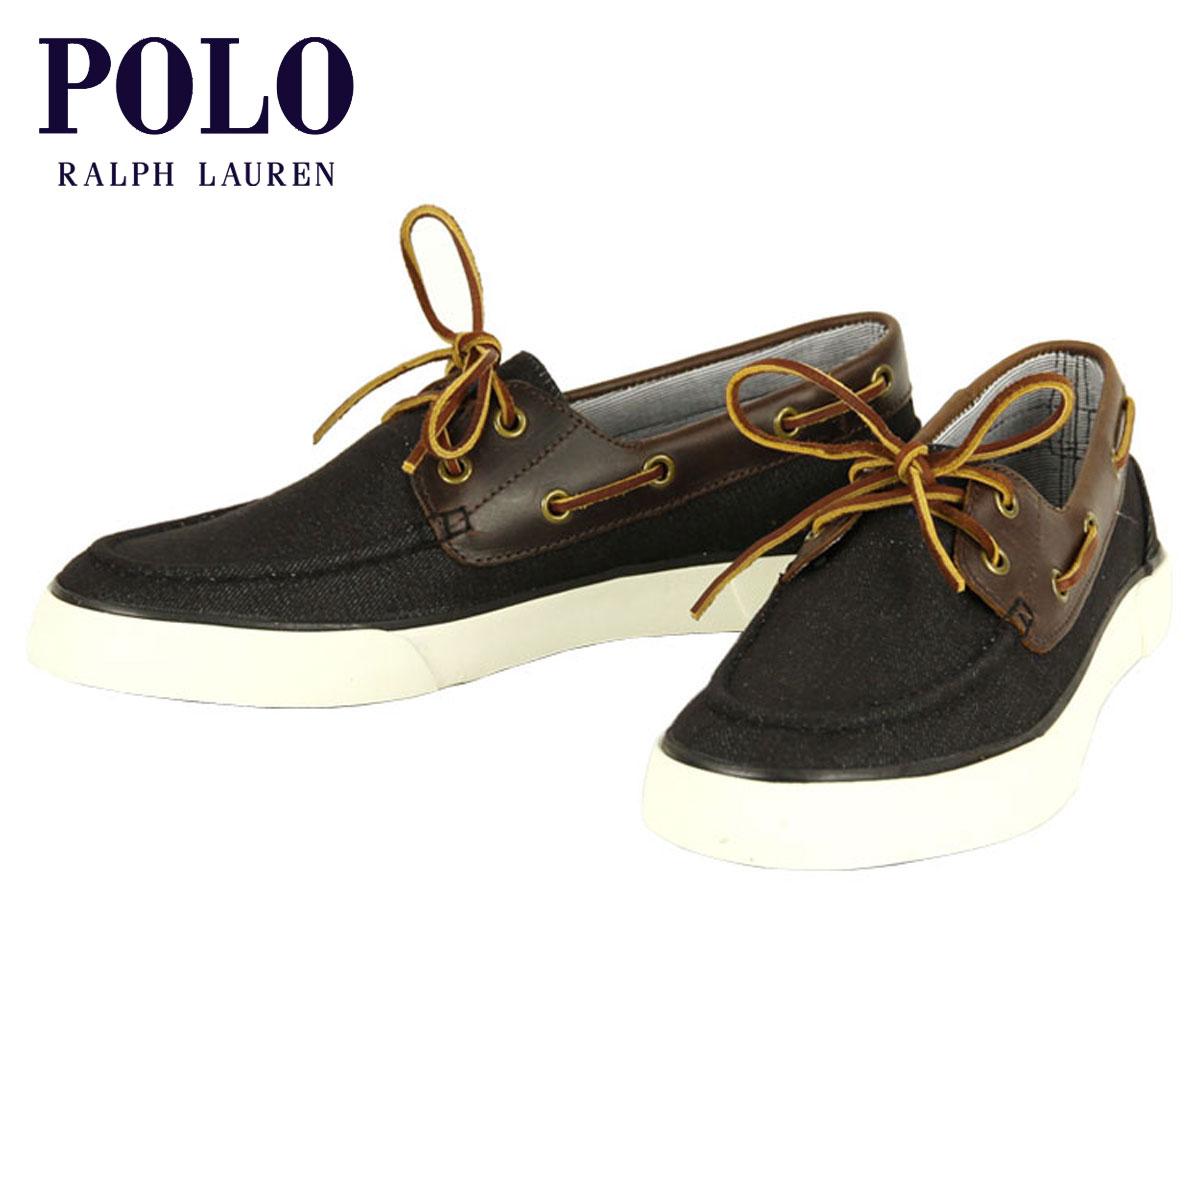 ポロ ラルフローレン POLO RALPH LAUREN 正規品 メンズ 靴 シューズ RYLANDER DENIM-LEATHER SNEAKER D00S20